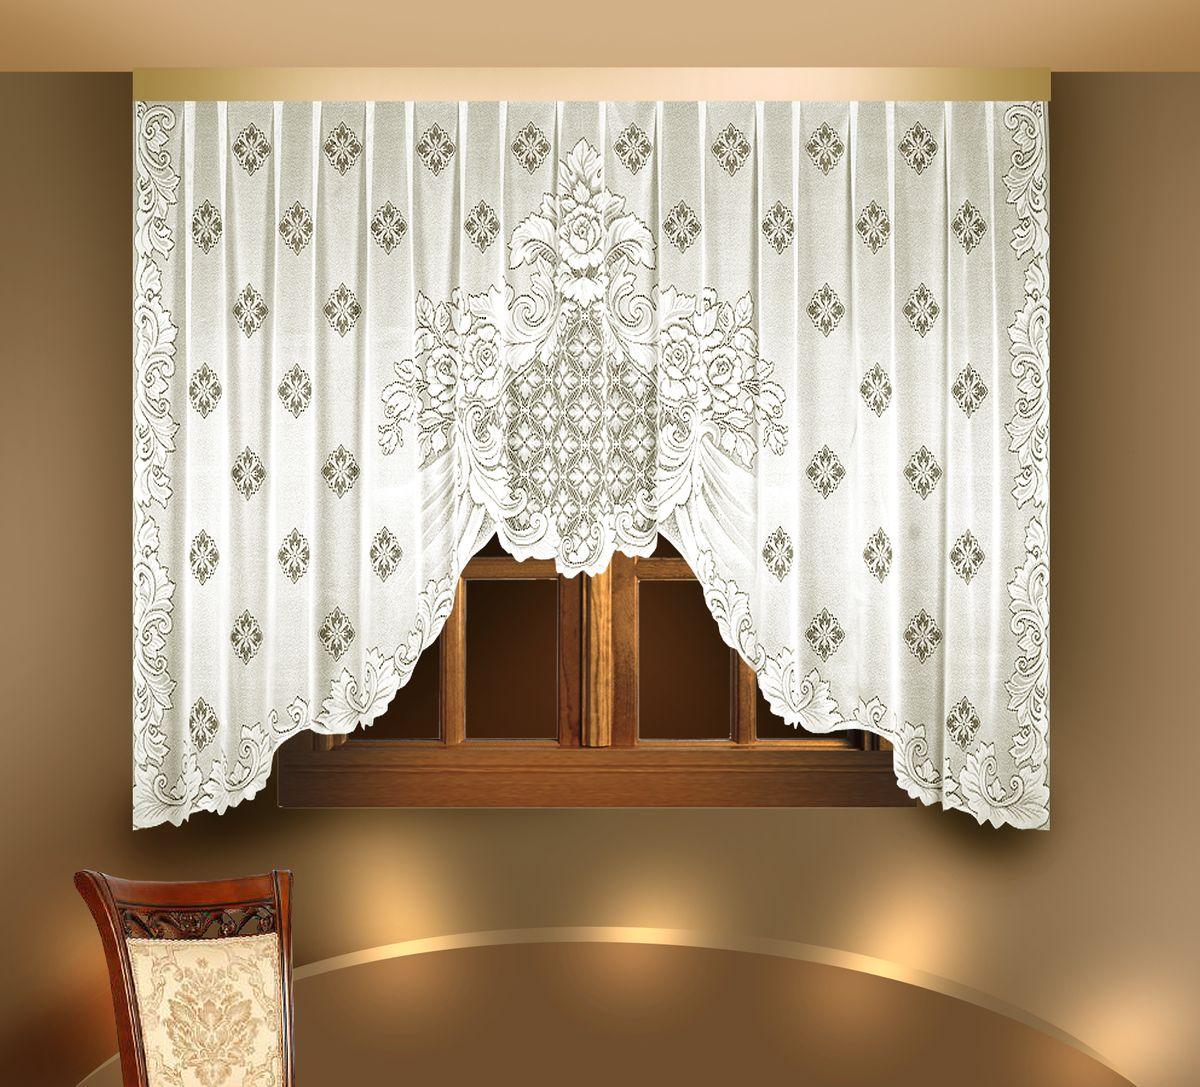 Гардина Zlata Korunka, цвет: белый, высота 175 см. 8880388803Воздушная гардина Zlata Korunka, изготовленная из полиэстера белого цвета, станет великолепным украшением любого окна. Гардина выполнена из сетчатого материала в виде арки и декорирована цветочным узором. По краям изделие оформлено цветочным орнаментом. Тонкое плетение и оригинальный дизайн привлекут к себе внимание и органично впишутся в интерьер. Верхняя часть гардины не оснащена креплениями.